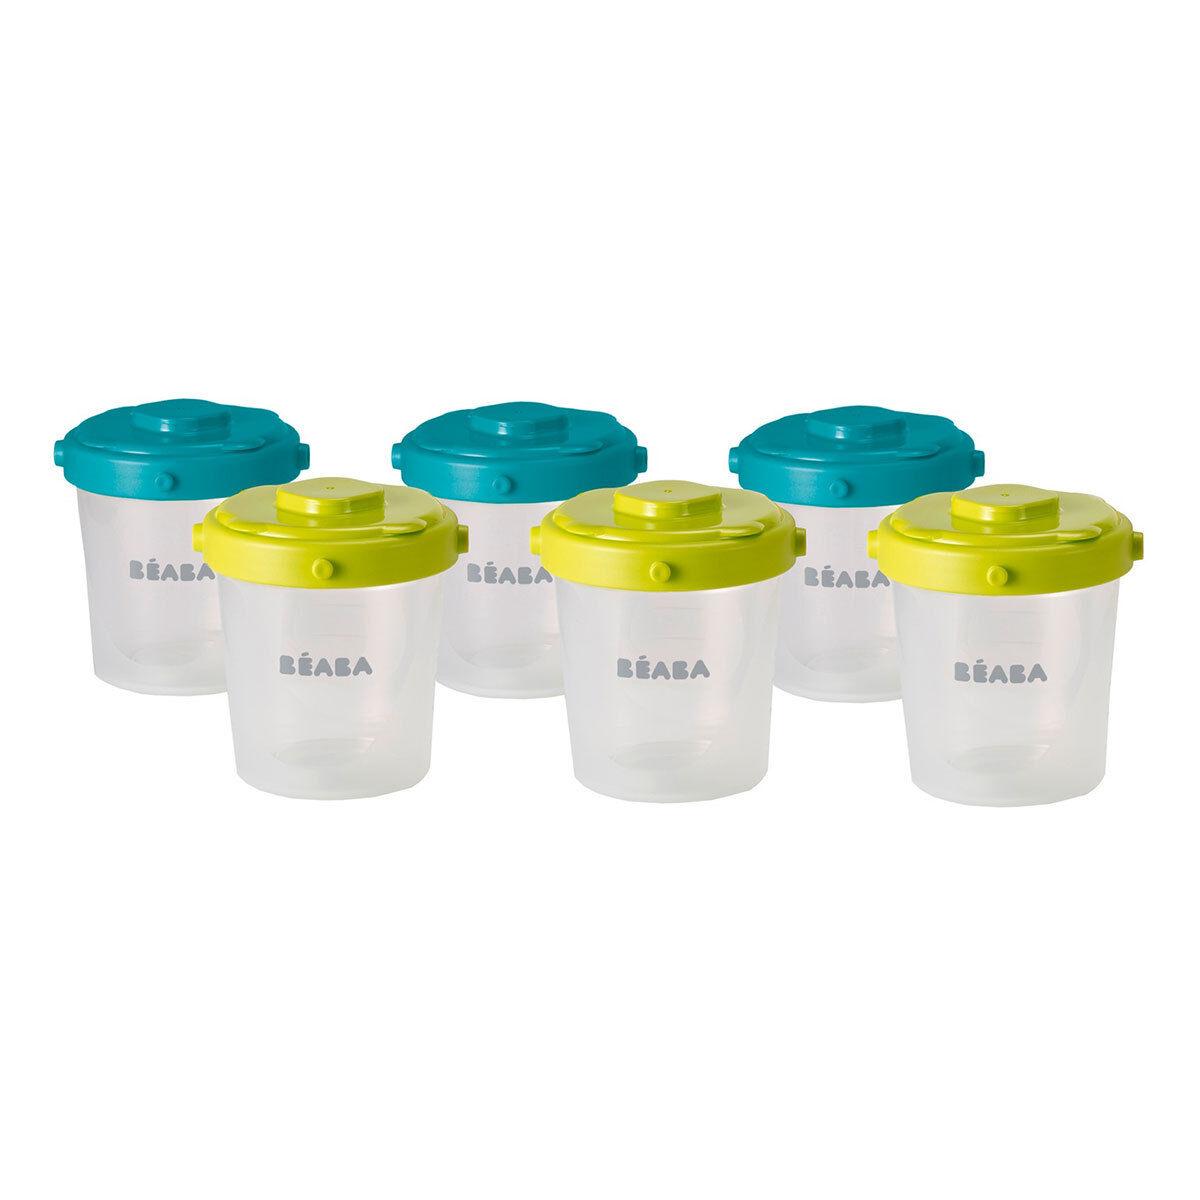 BÉABA Lot de 6 Portions Clip 2ème âge 200 ml - Bleu/Vert